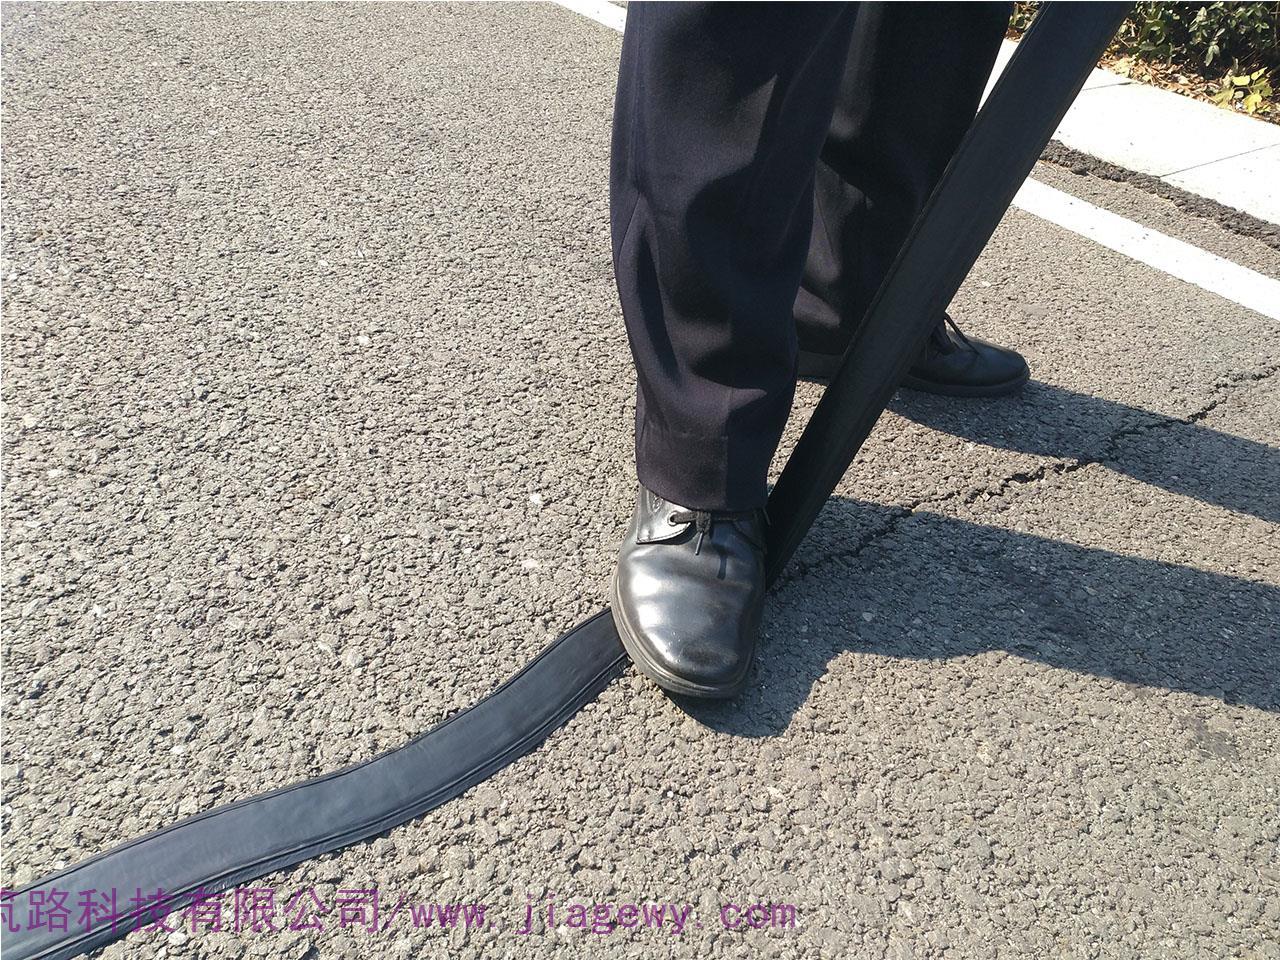 沥青道路贴缝带的优势有哪些